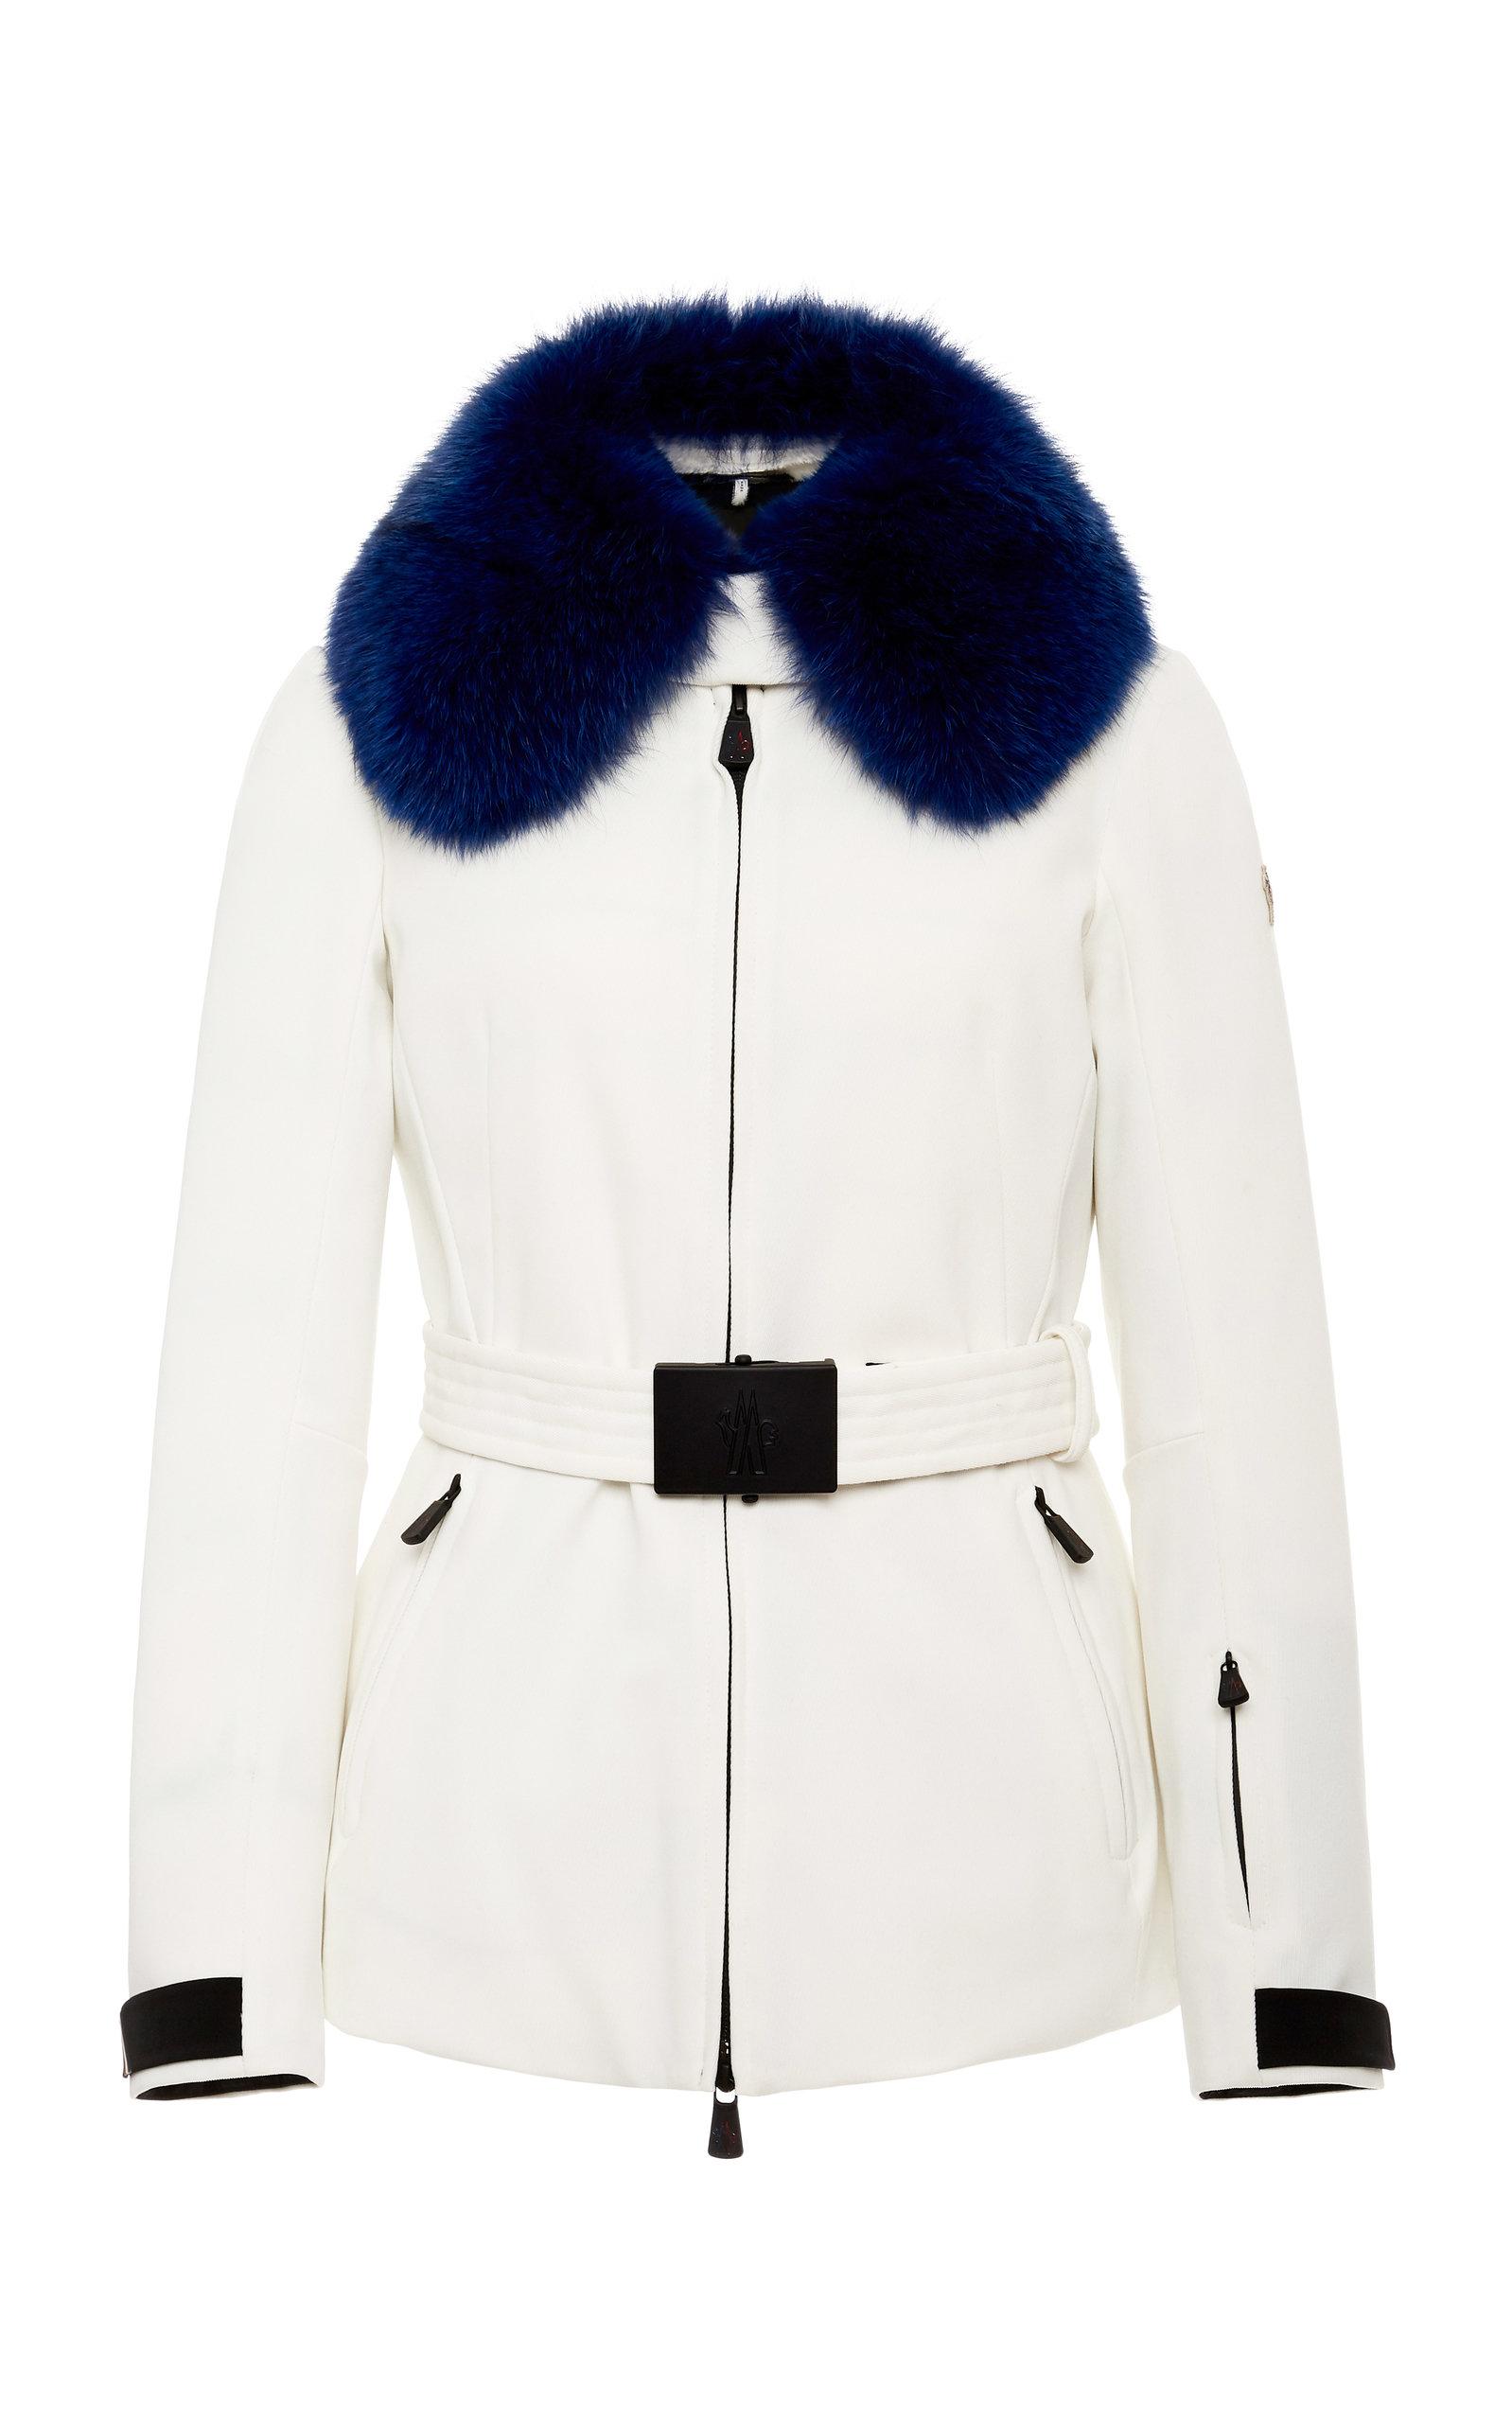 Moncler Grenoble Jackets Fur-Trimmed Belted Shell Ski Jacket